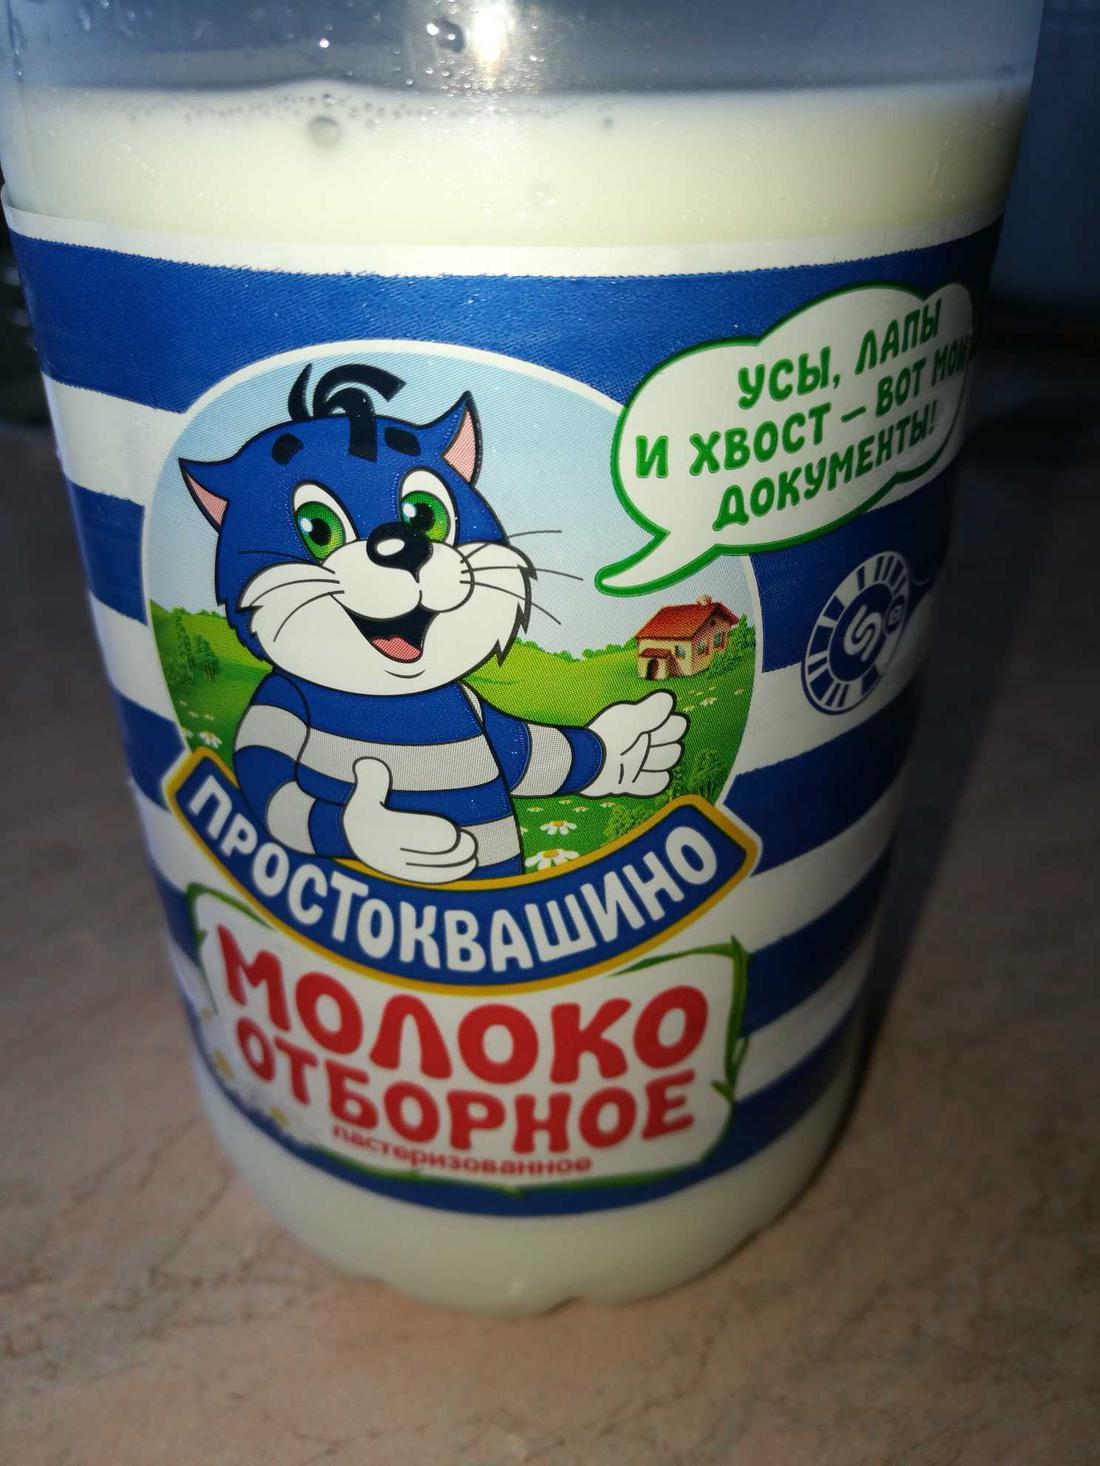 описание Молоко Простоквашино, цельное отборное питьевое пастеризованное , 930мл.